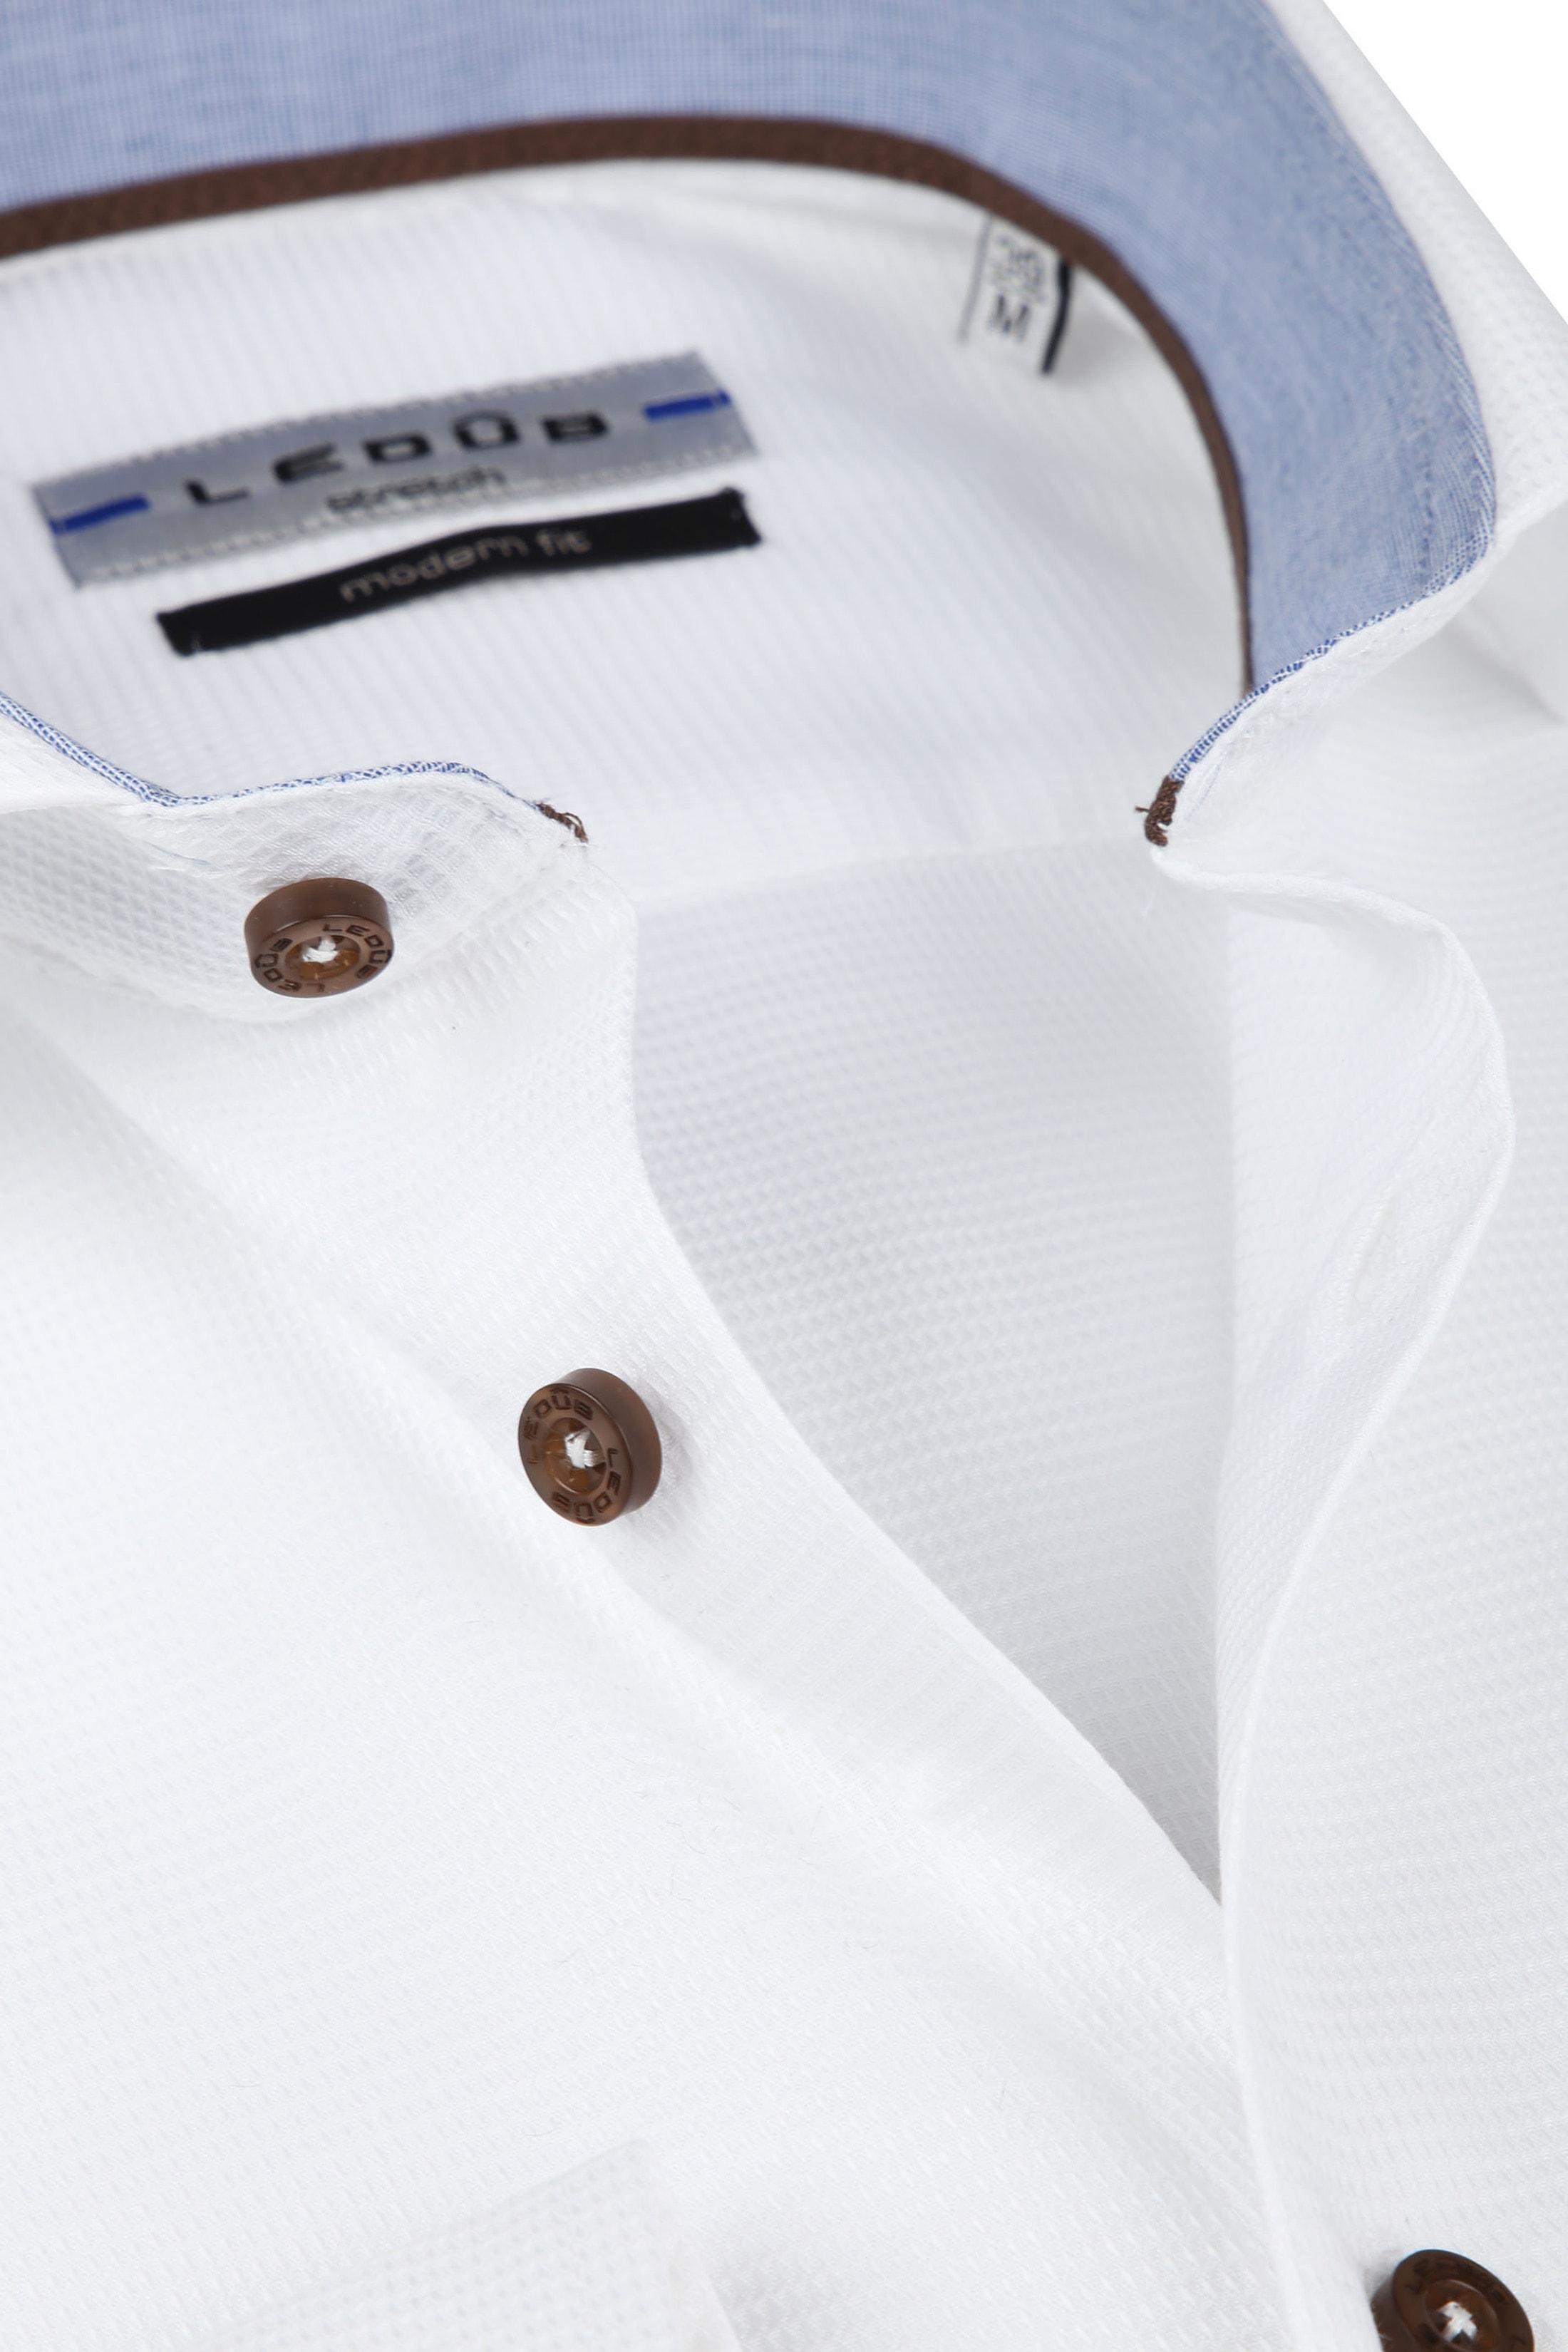 Ledub Overhemd Wit MF foto 1